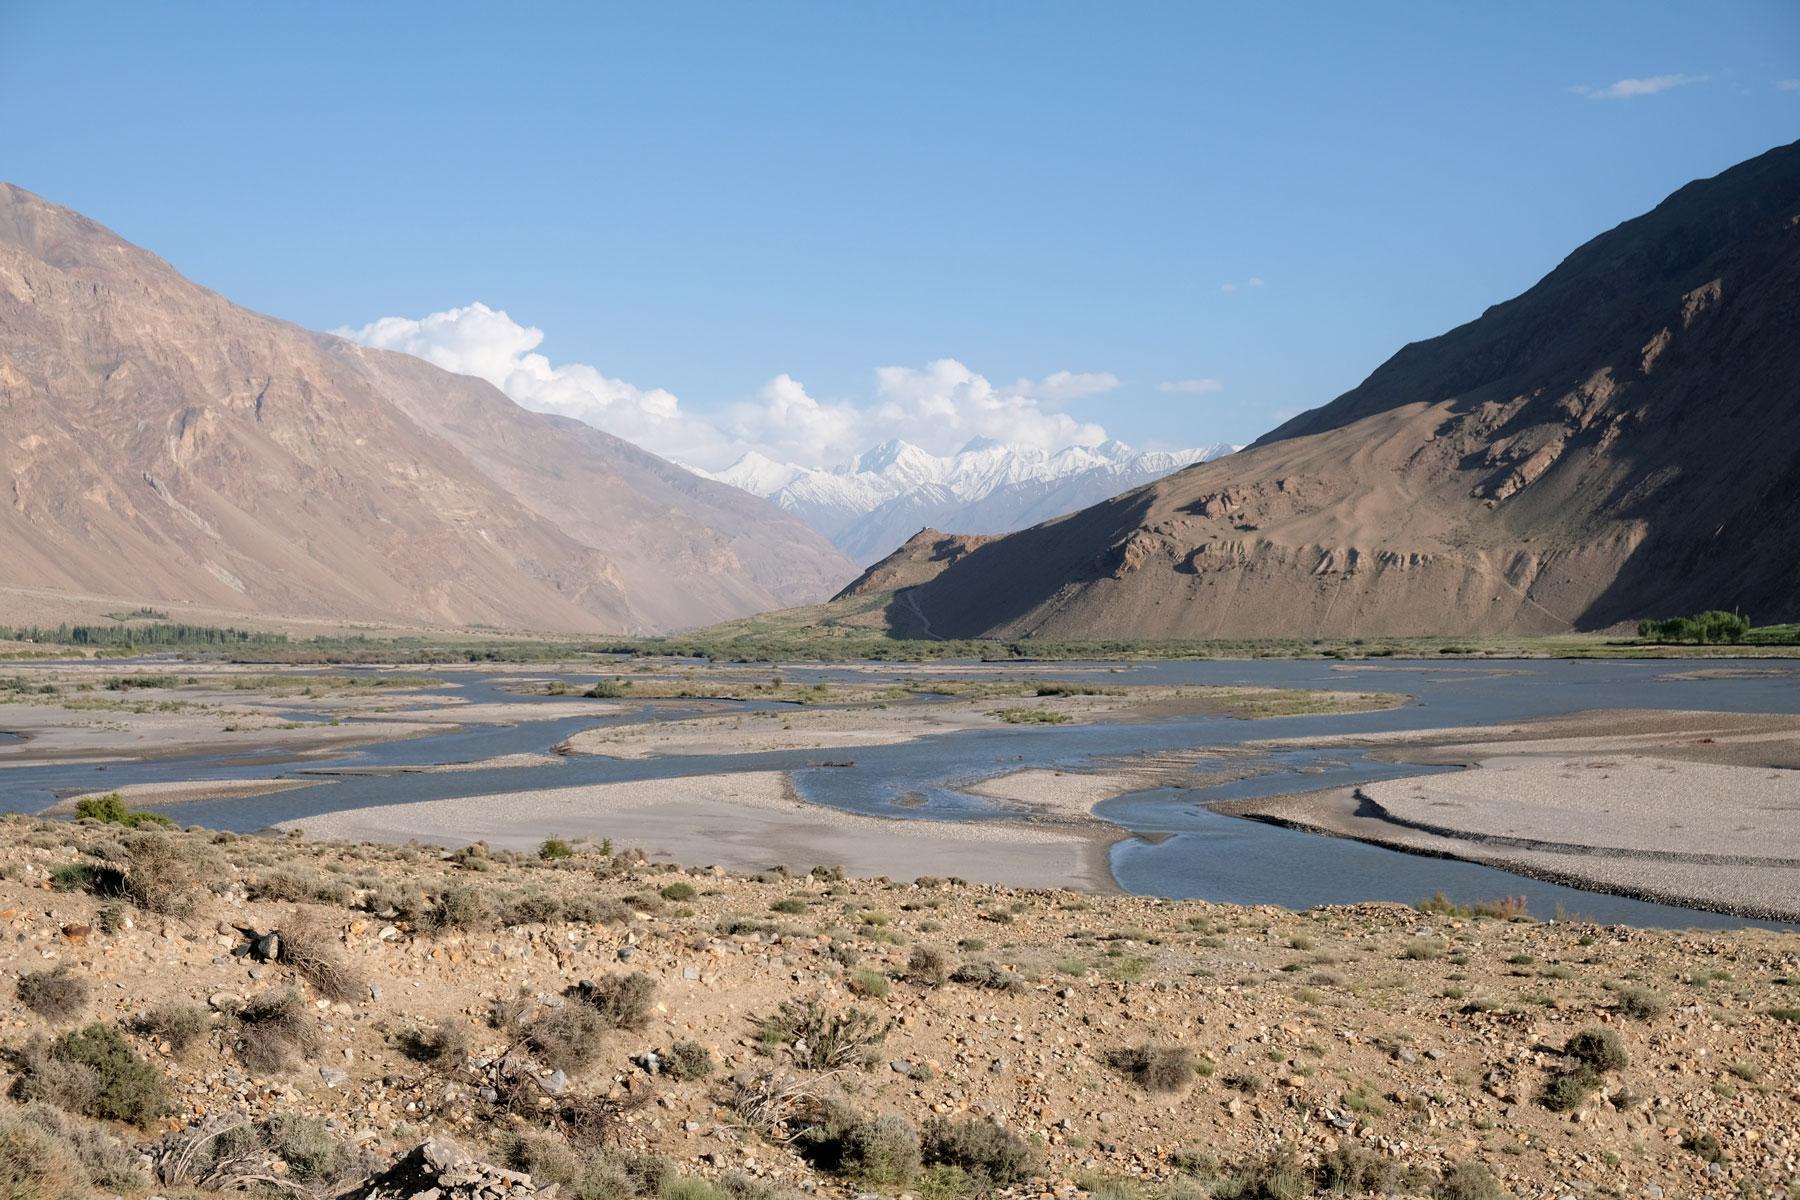 Je weiter wir nach Süden fahren, desto breiter wird der Panj. Am Horizont erscheint der Hindukusch.